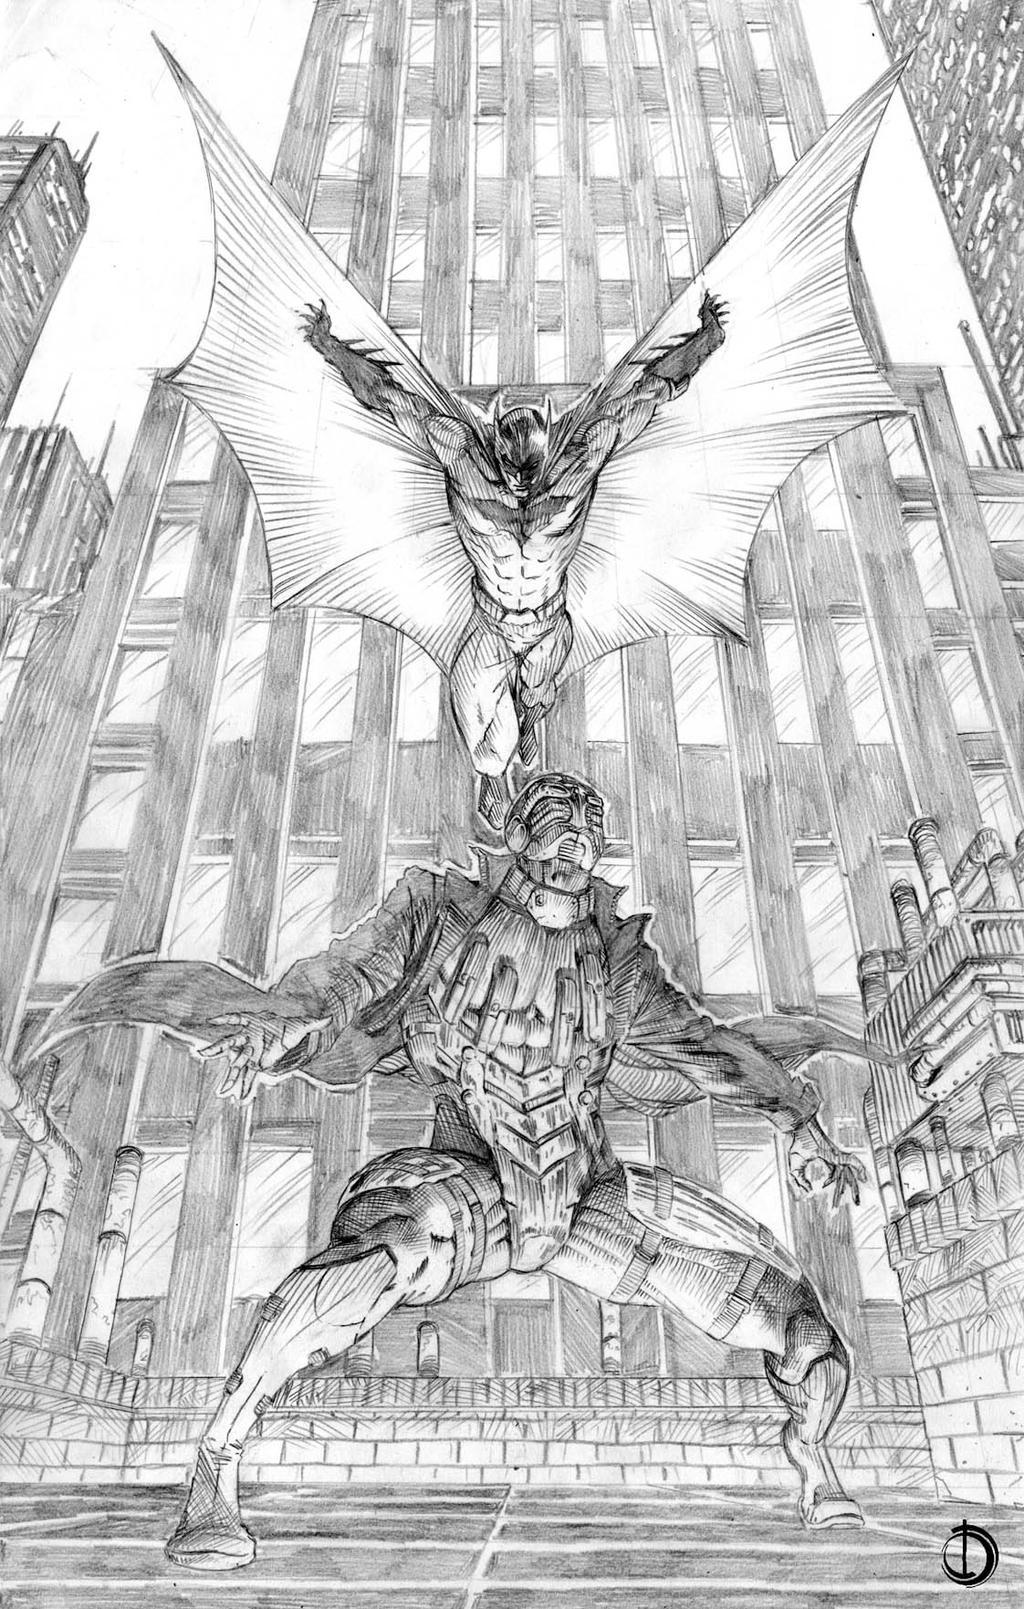 SanEspina Batman Vs Deadshot pin-up by santiagocomics